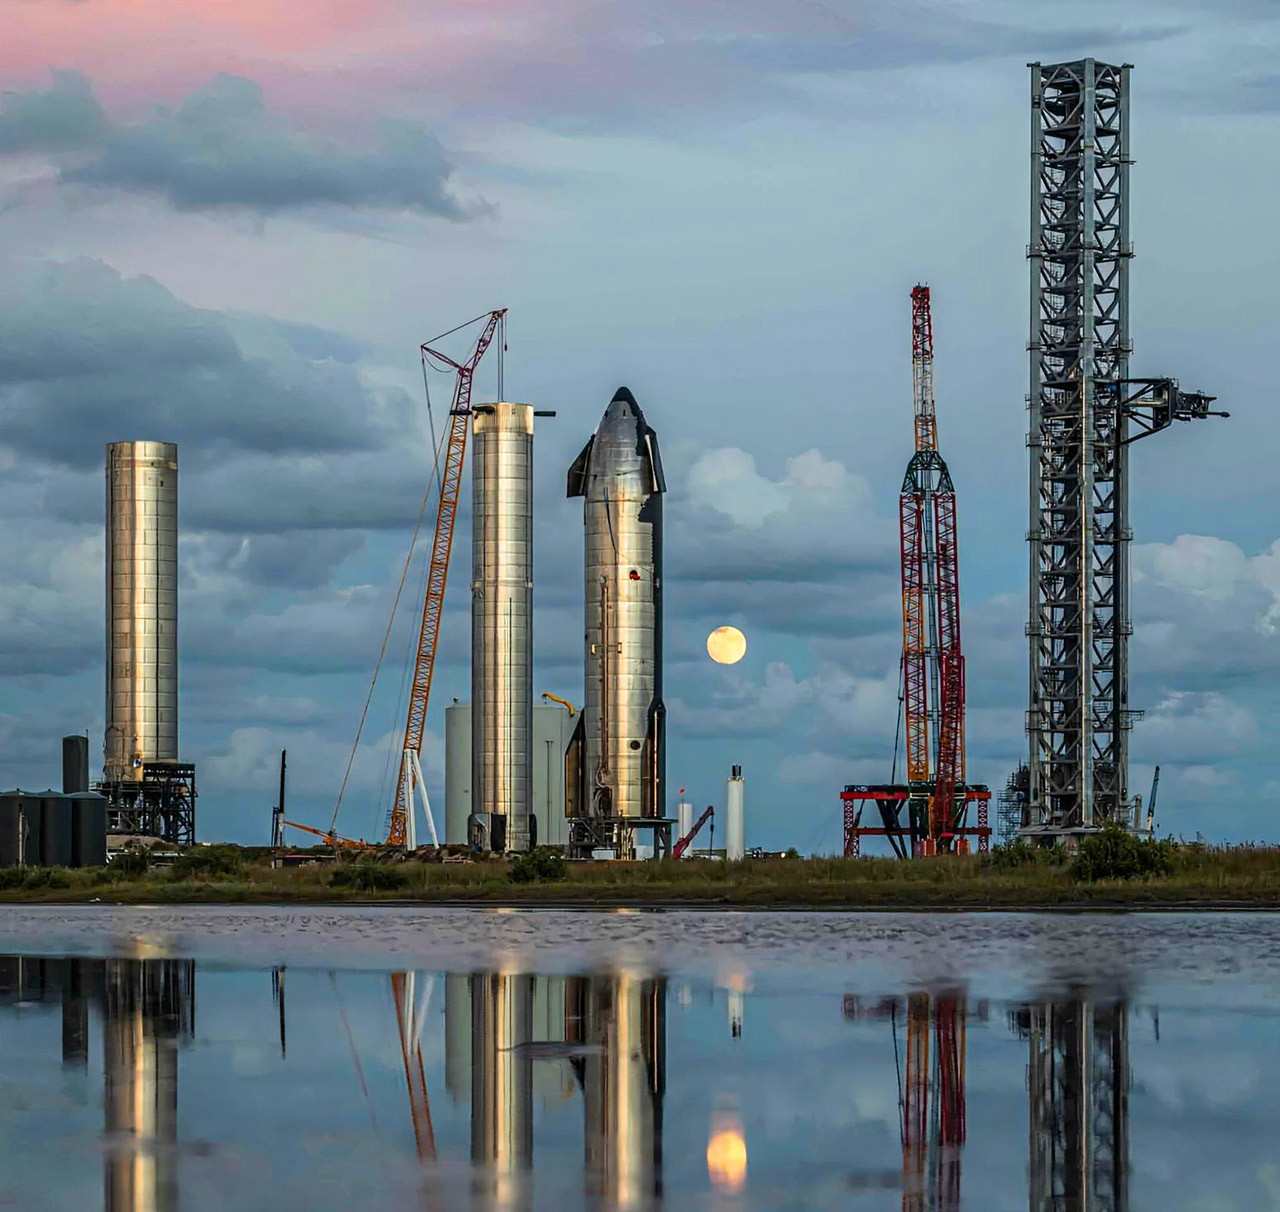 Elon Musk SpaceX Gateway to Mars Starship